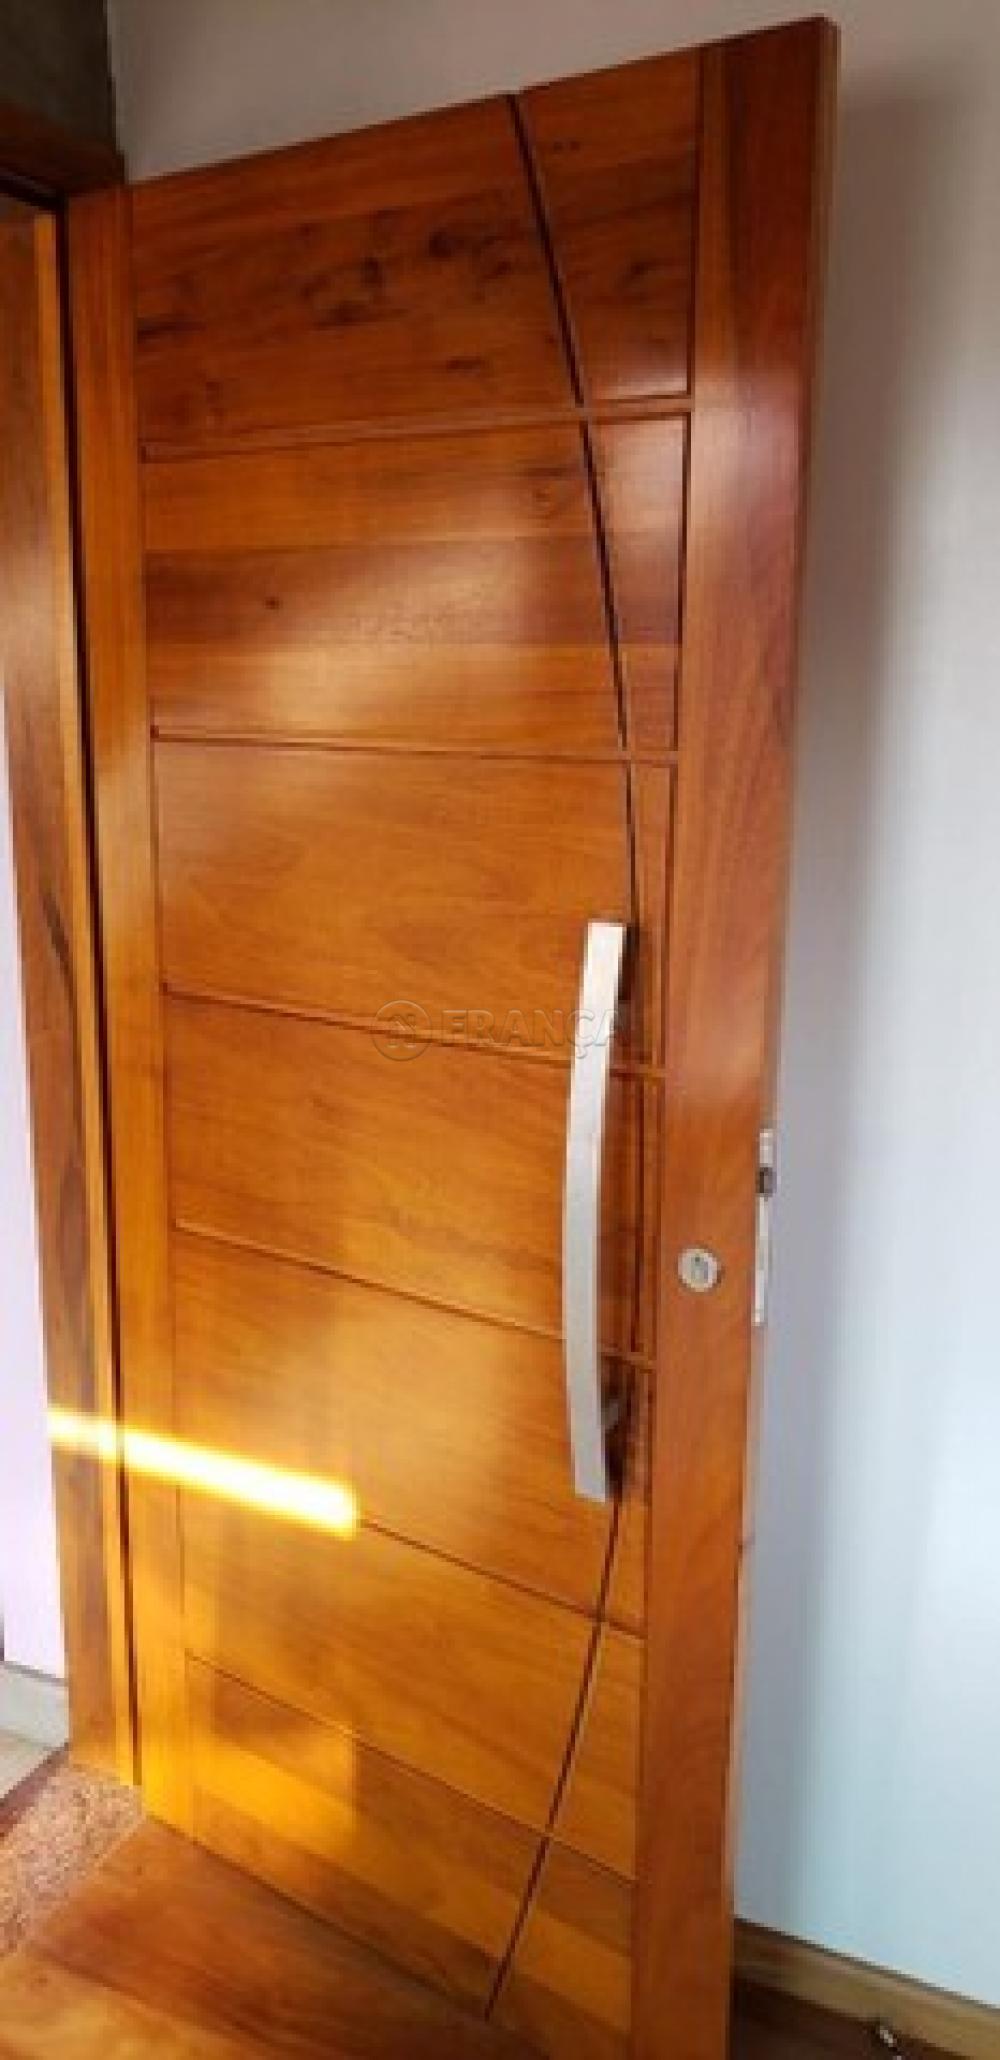 Comprar Casa / Condomínio em Taubaté R$ 420.000,00 - Foto 3